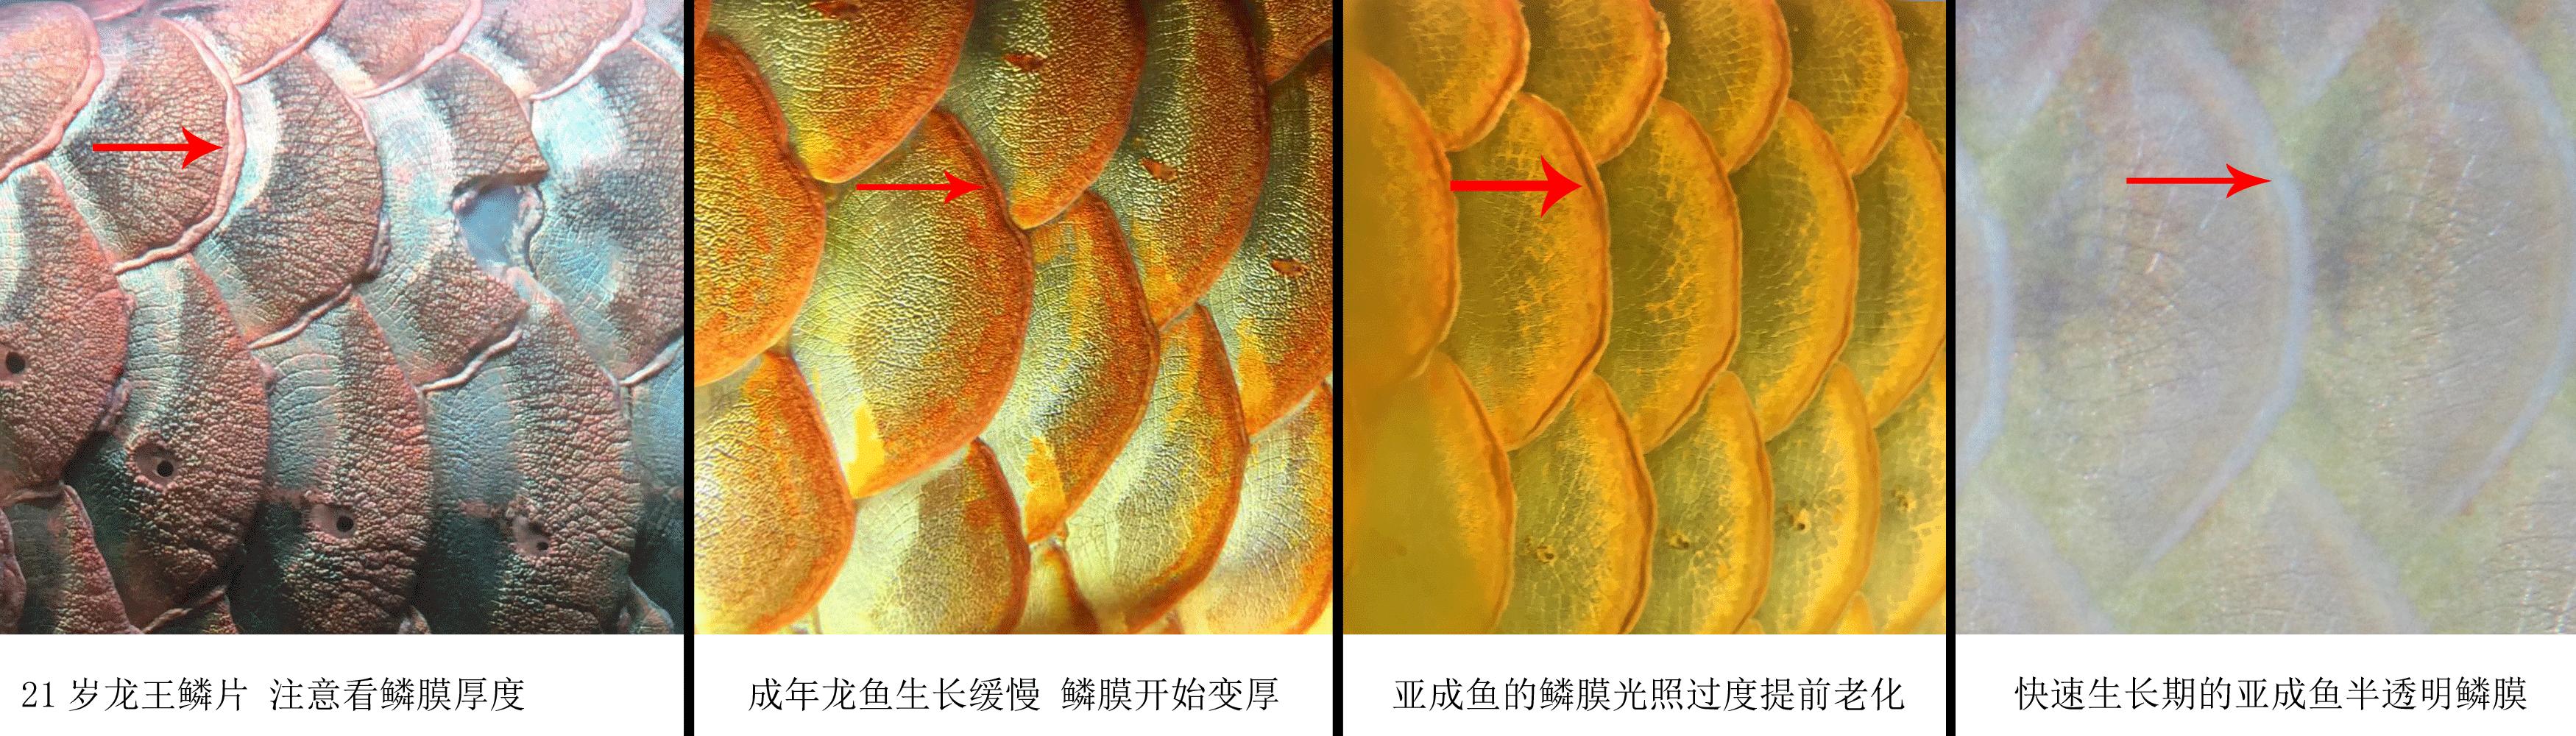 龙鱼鳞膜的表现与光照的关系